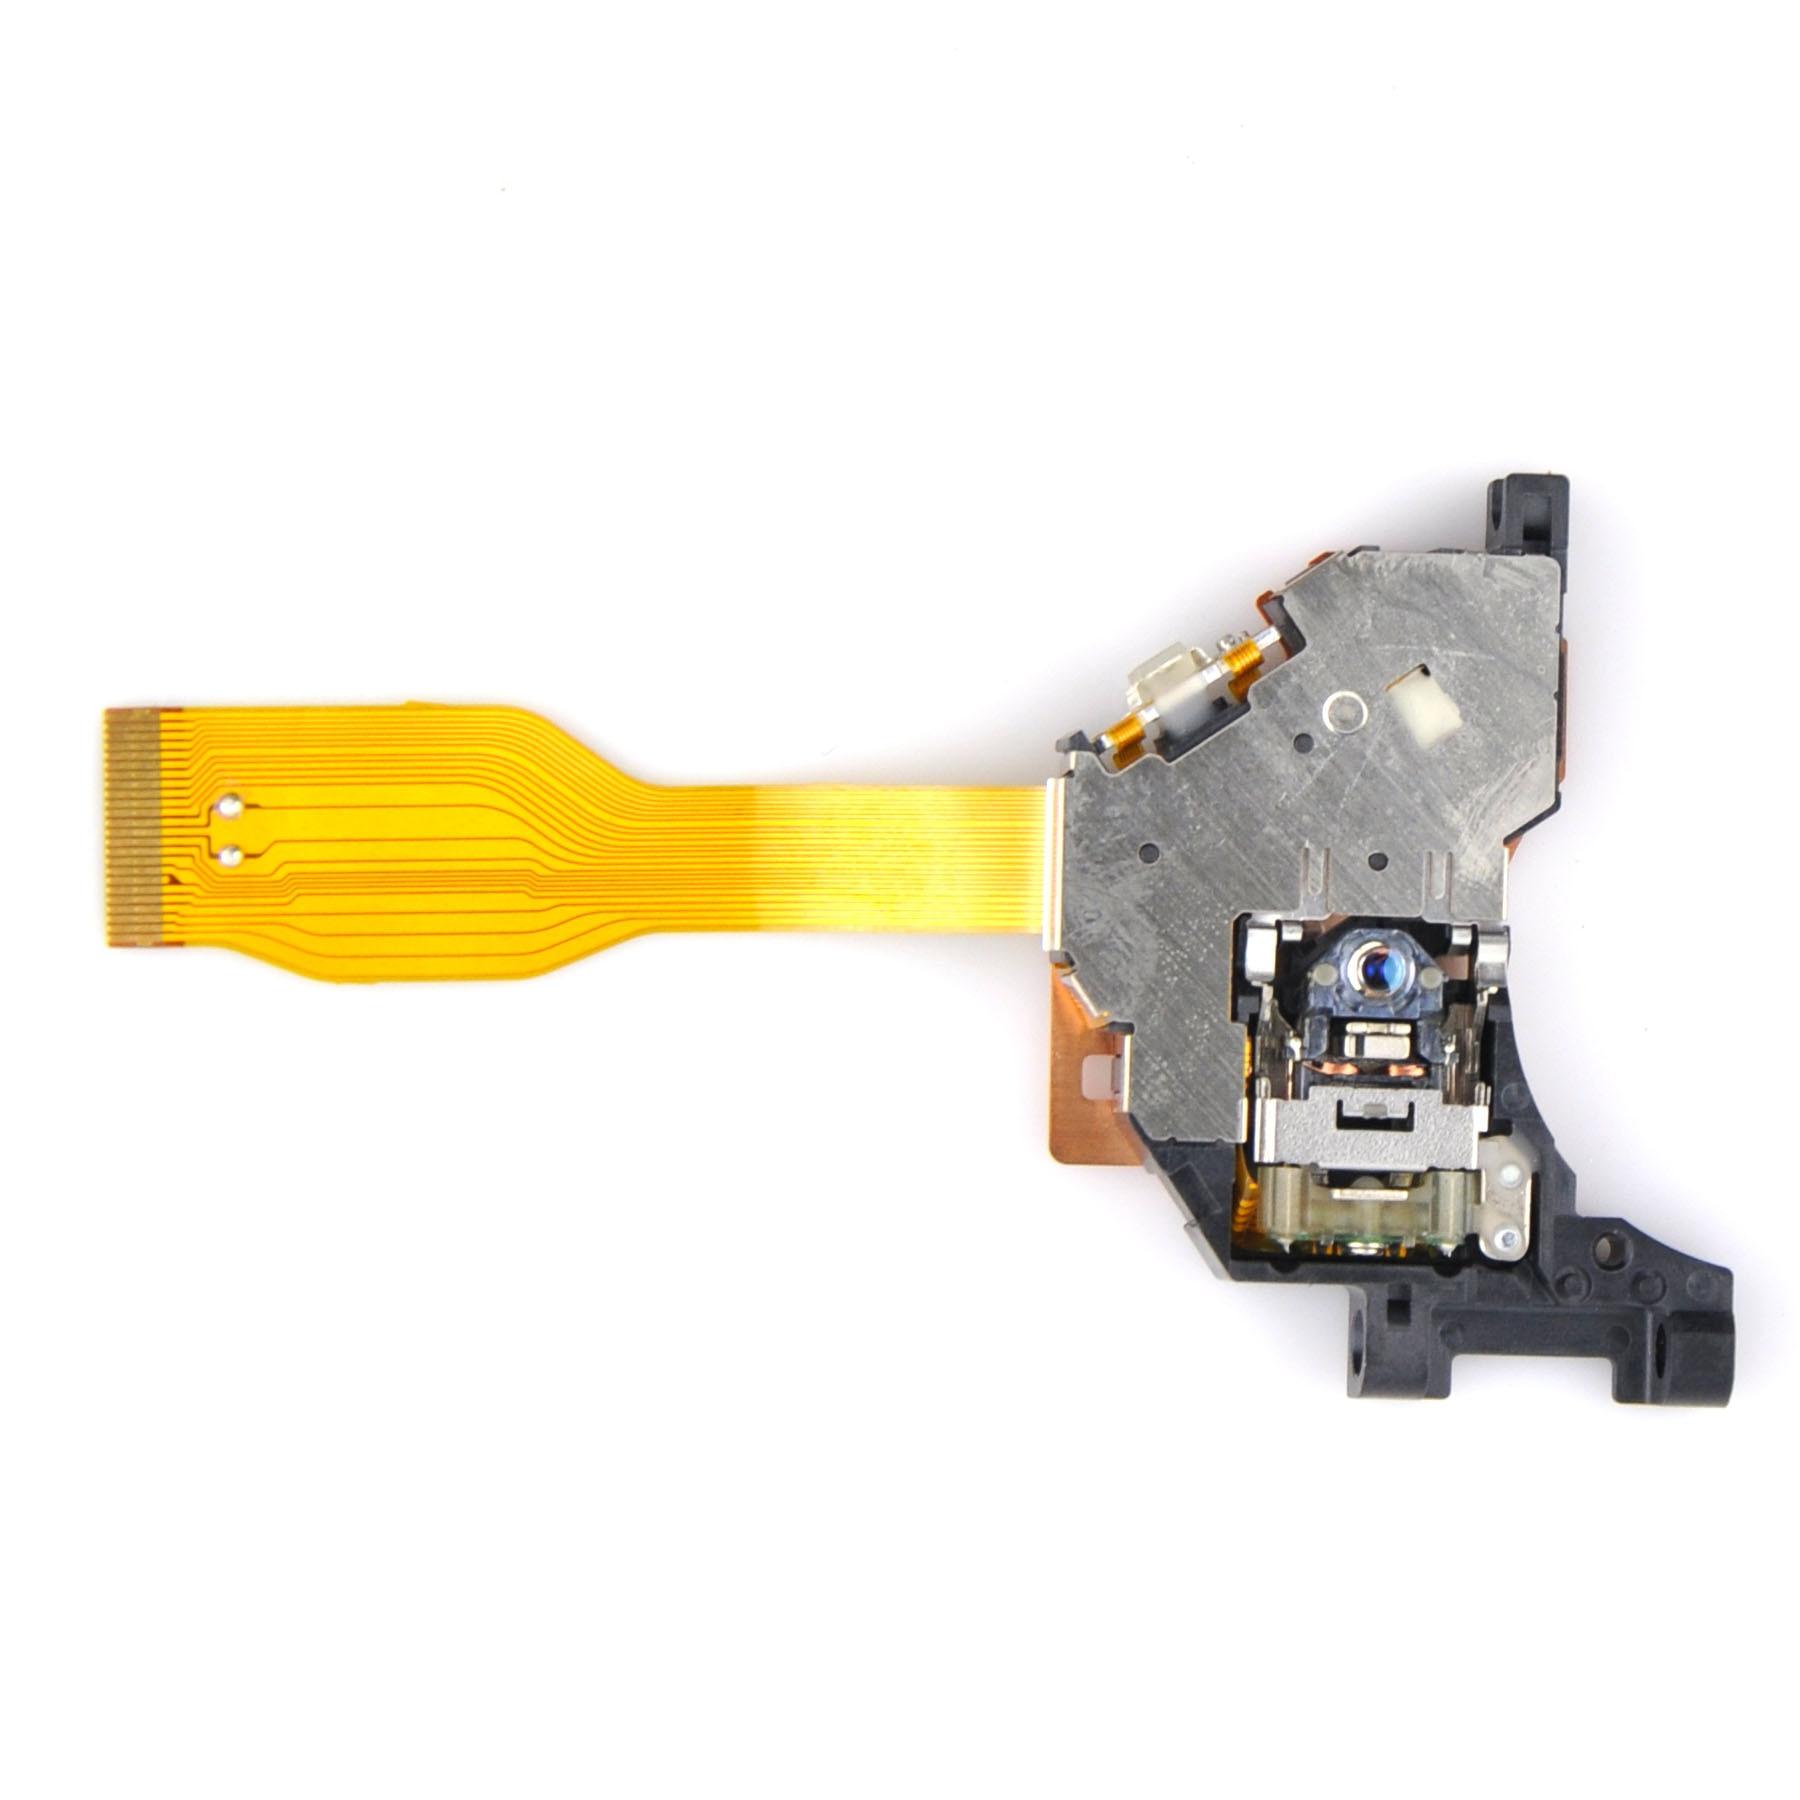 Nuevo y original SF-HD88 SF-HD88S SF-HD88CPH lente láser dvd para sistema de navegación de coche RNS510